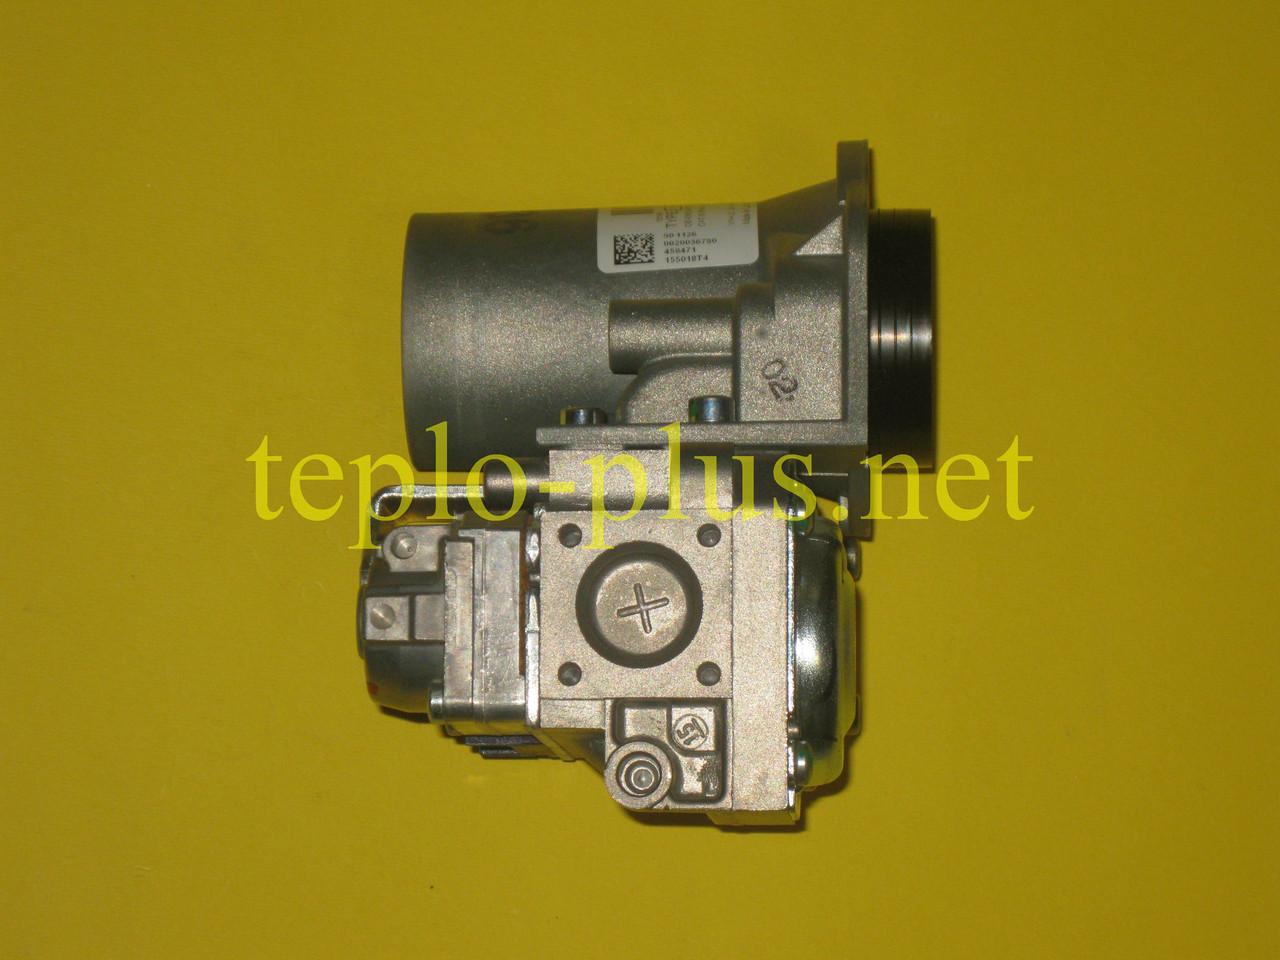 Газовый клапан Honeywell VK8115V 1036 053500 Vaillant ecoBLOCK pro/plus, ecoTEC pro/plus, ecoVIT plus